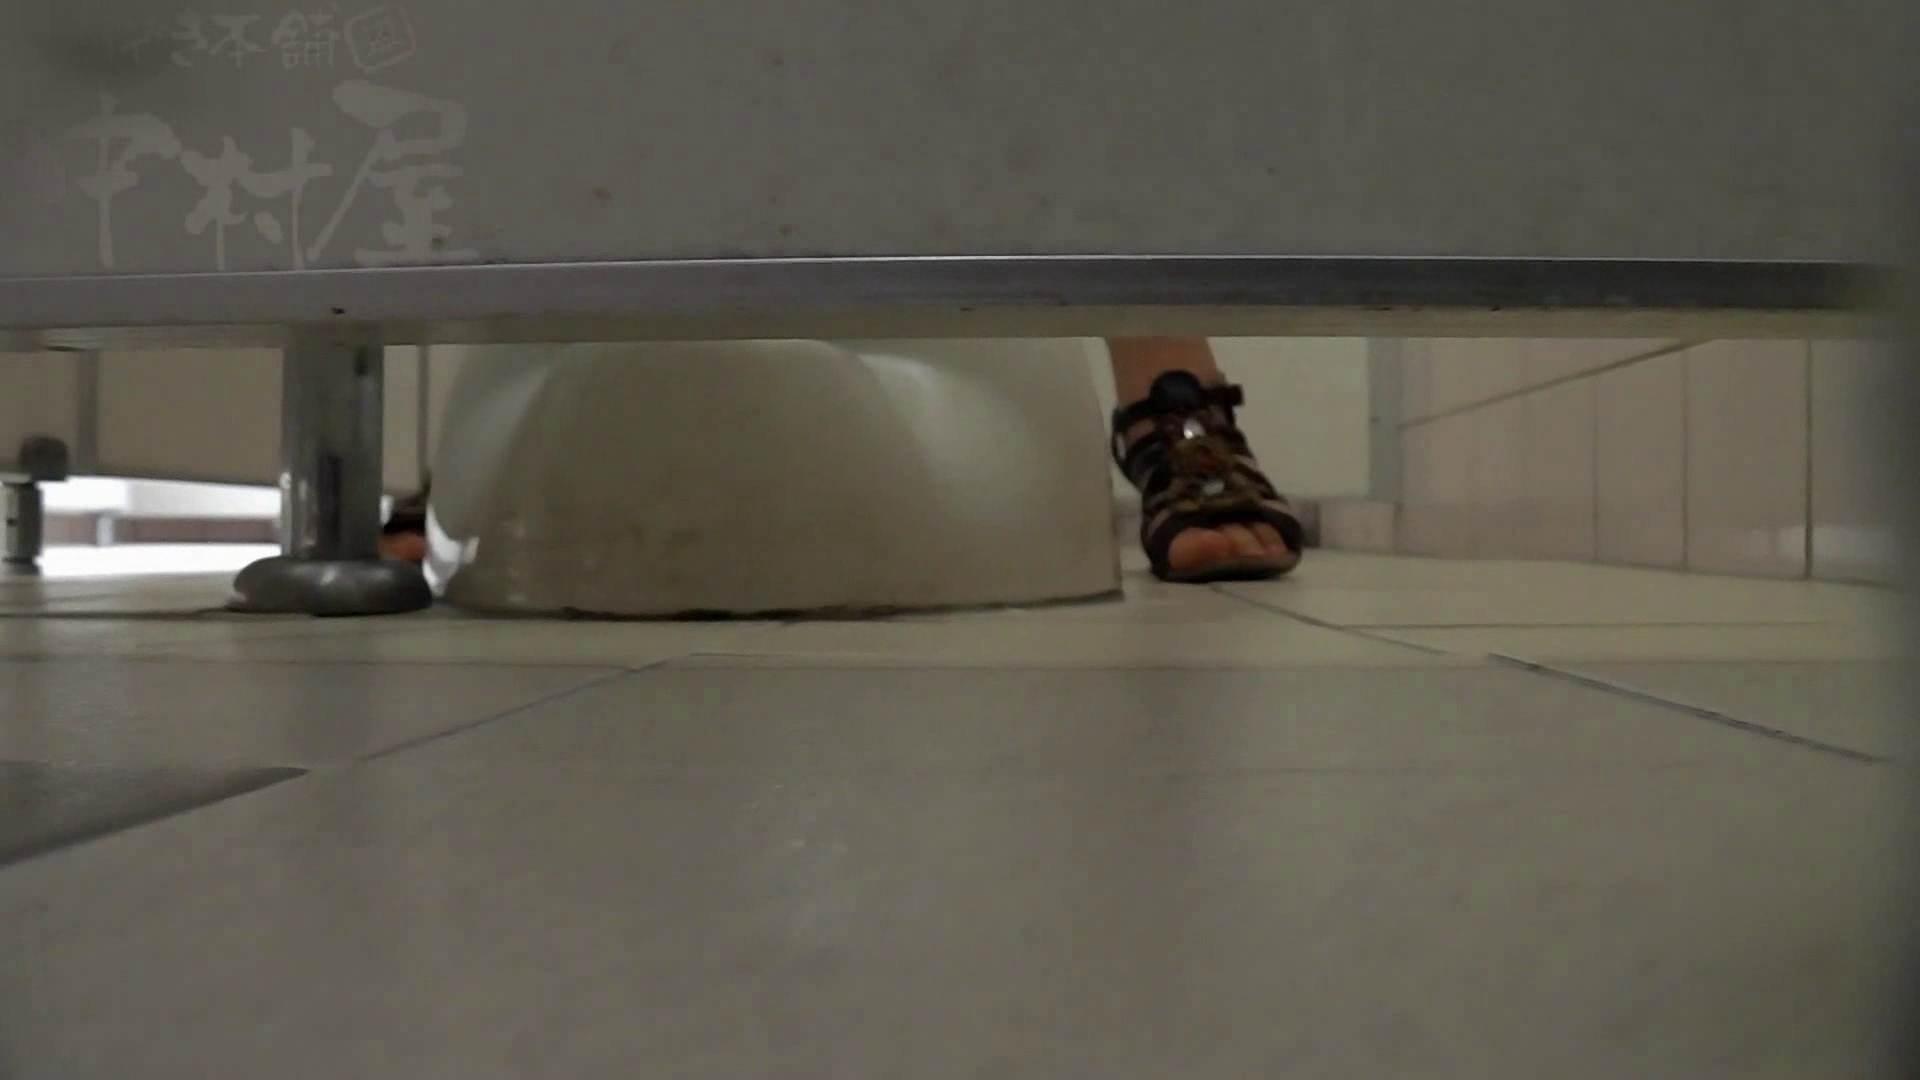 美しい日本の未来 No.08 腕を磨き再発進 女子トイレ 隠し撮りAV無料 90PICs 88